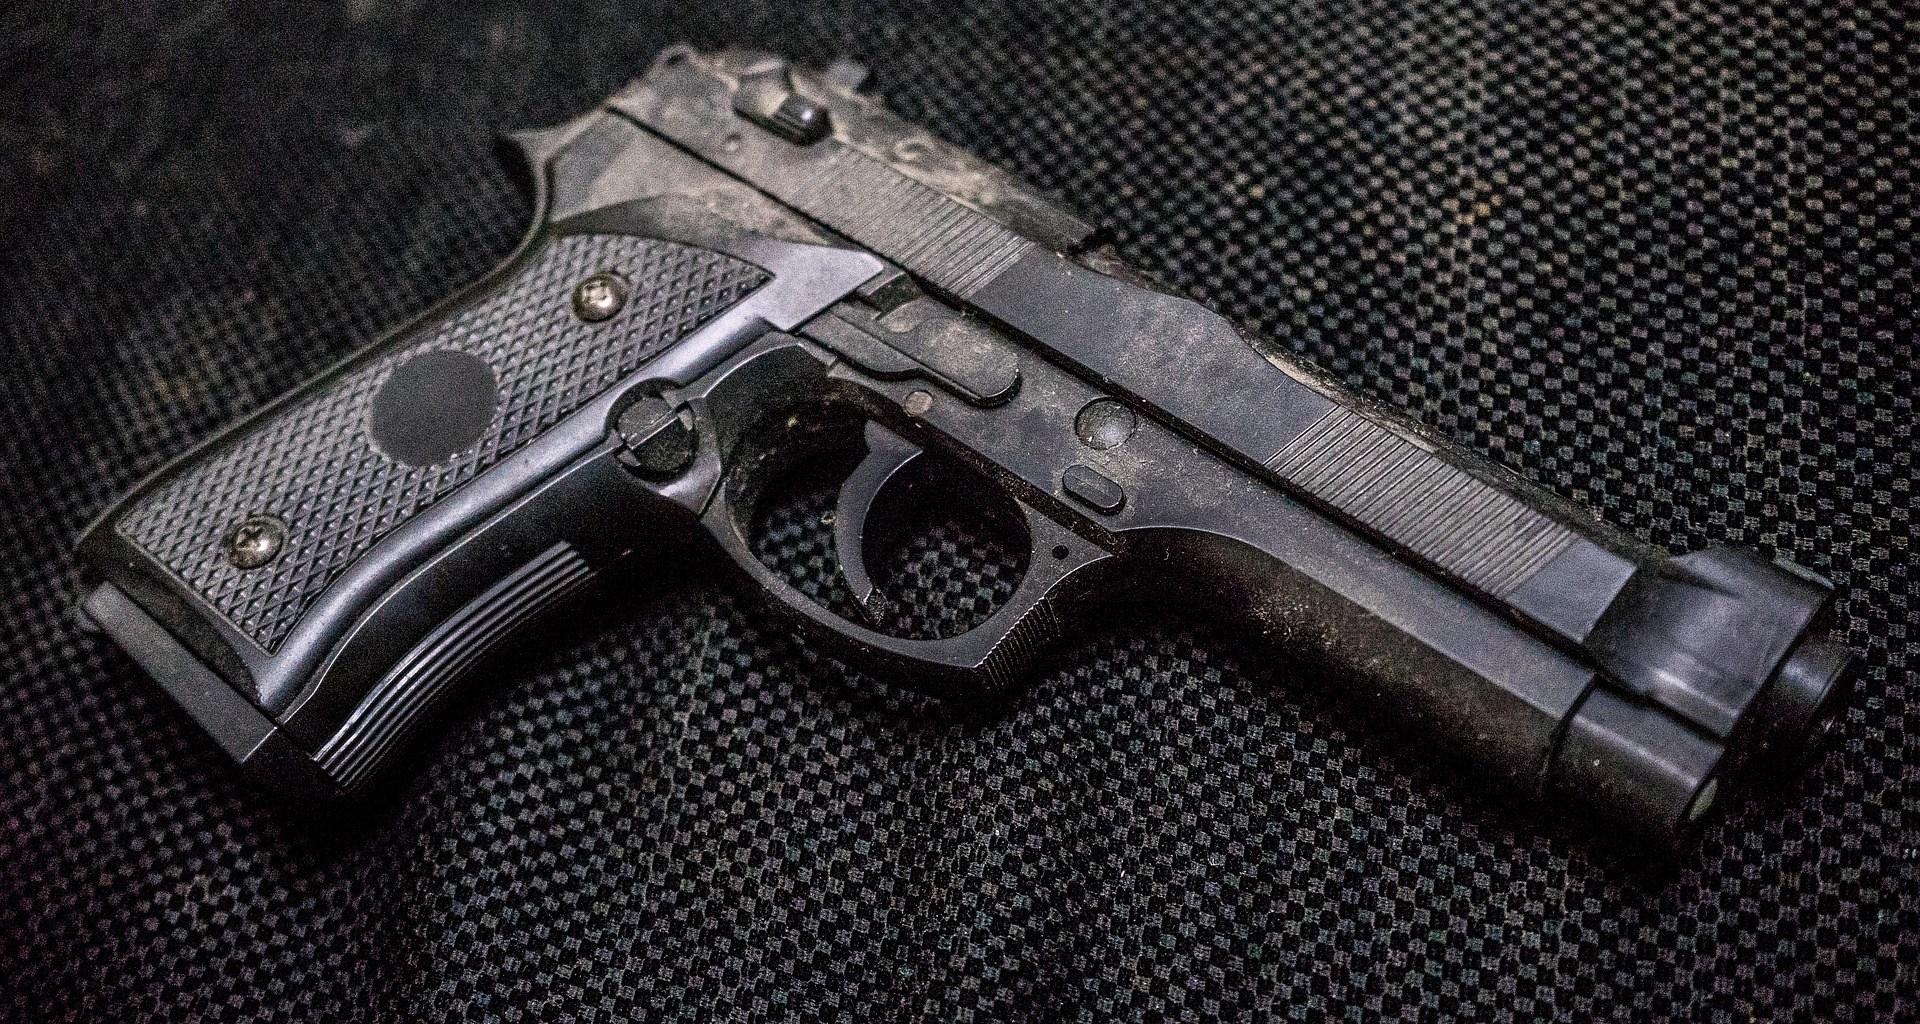 gun on black metal background